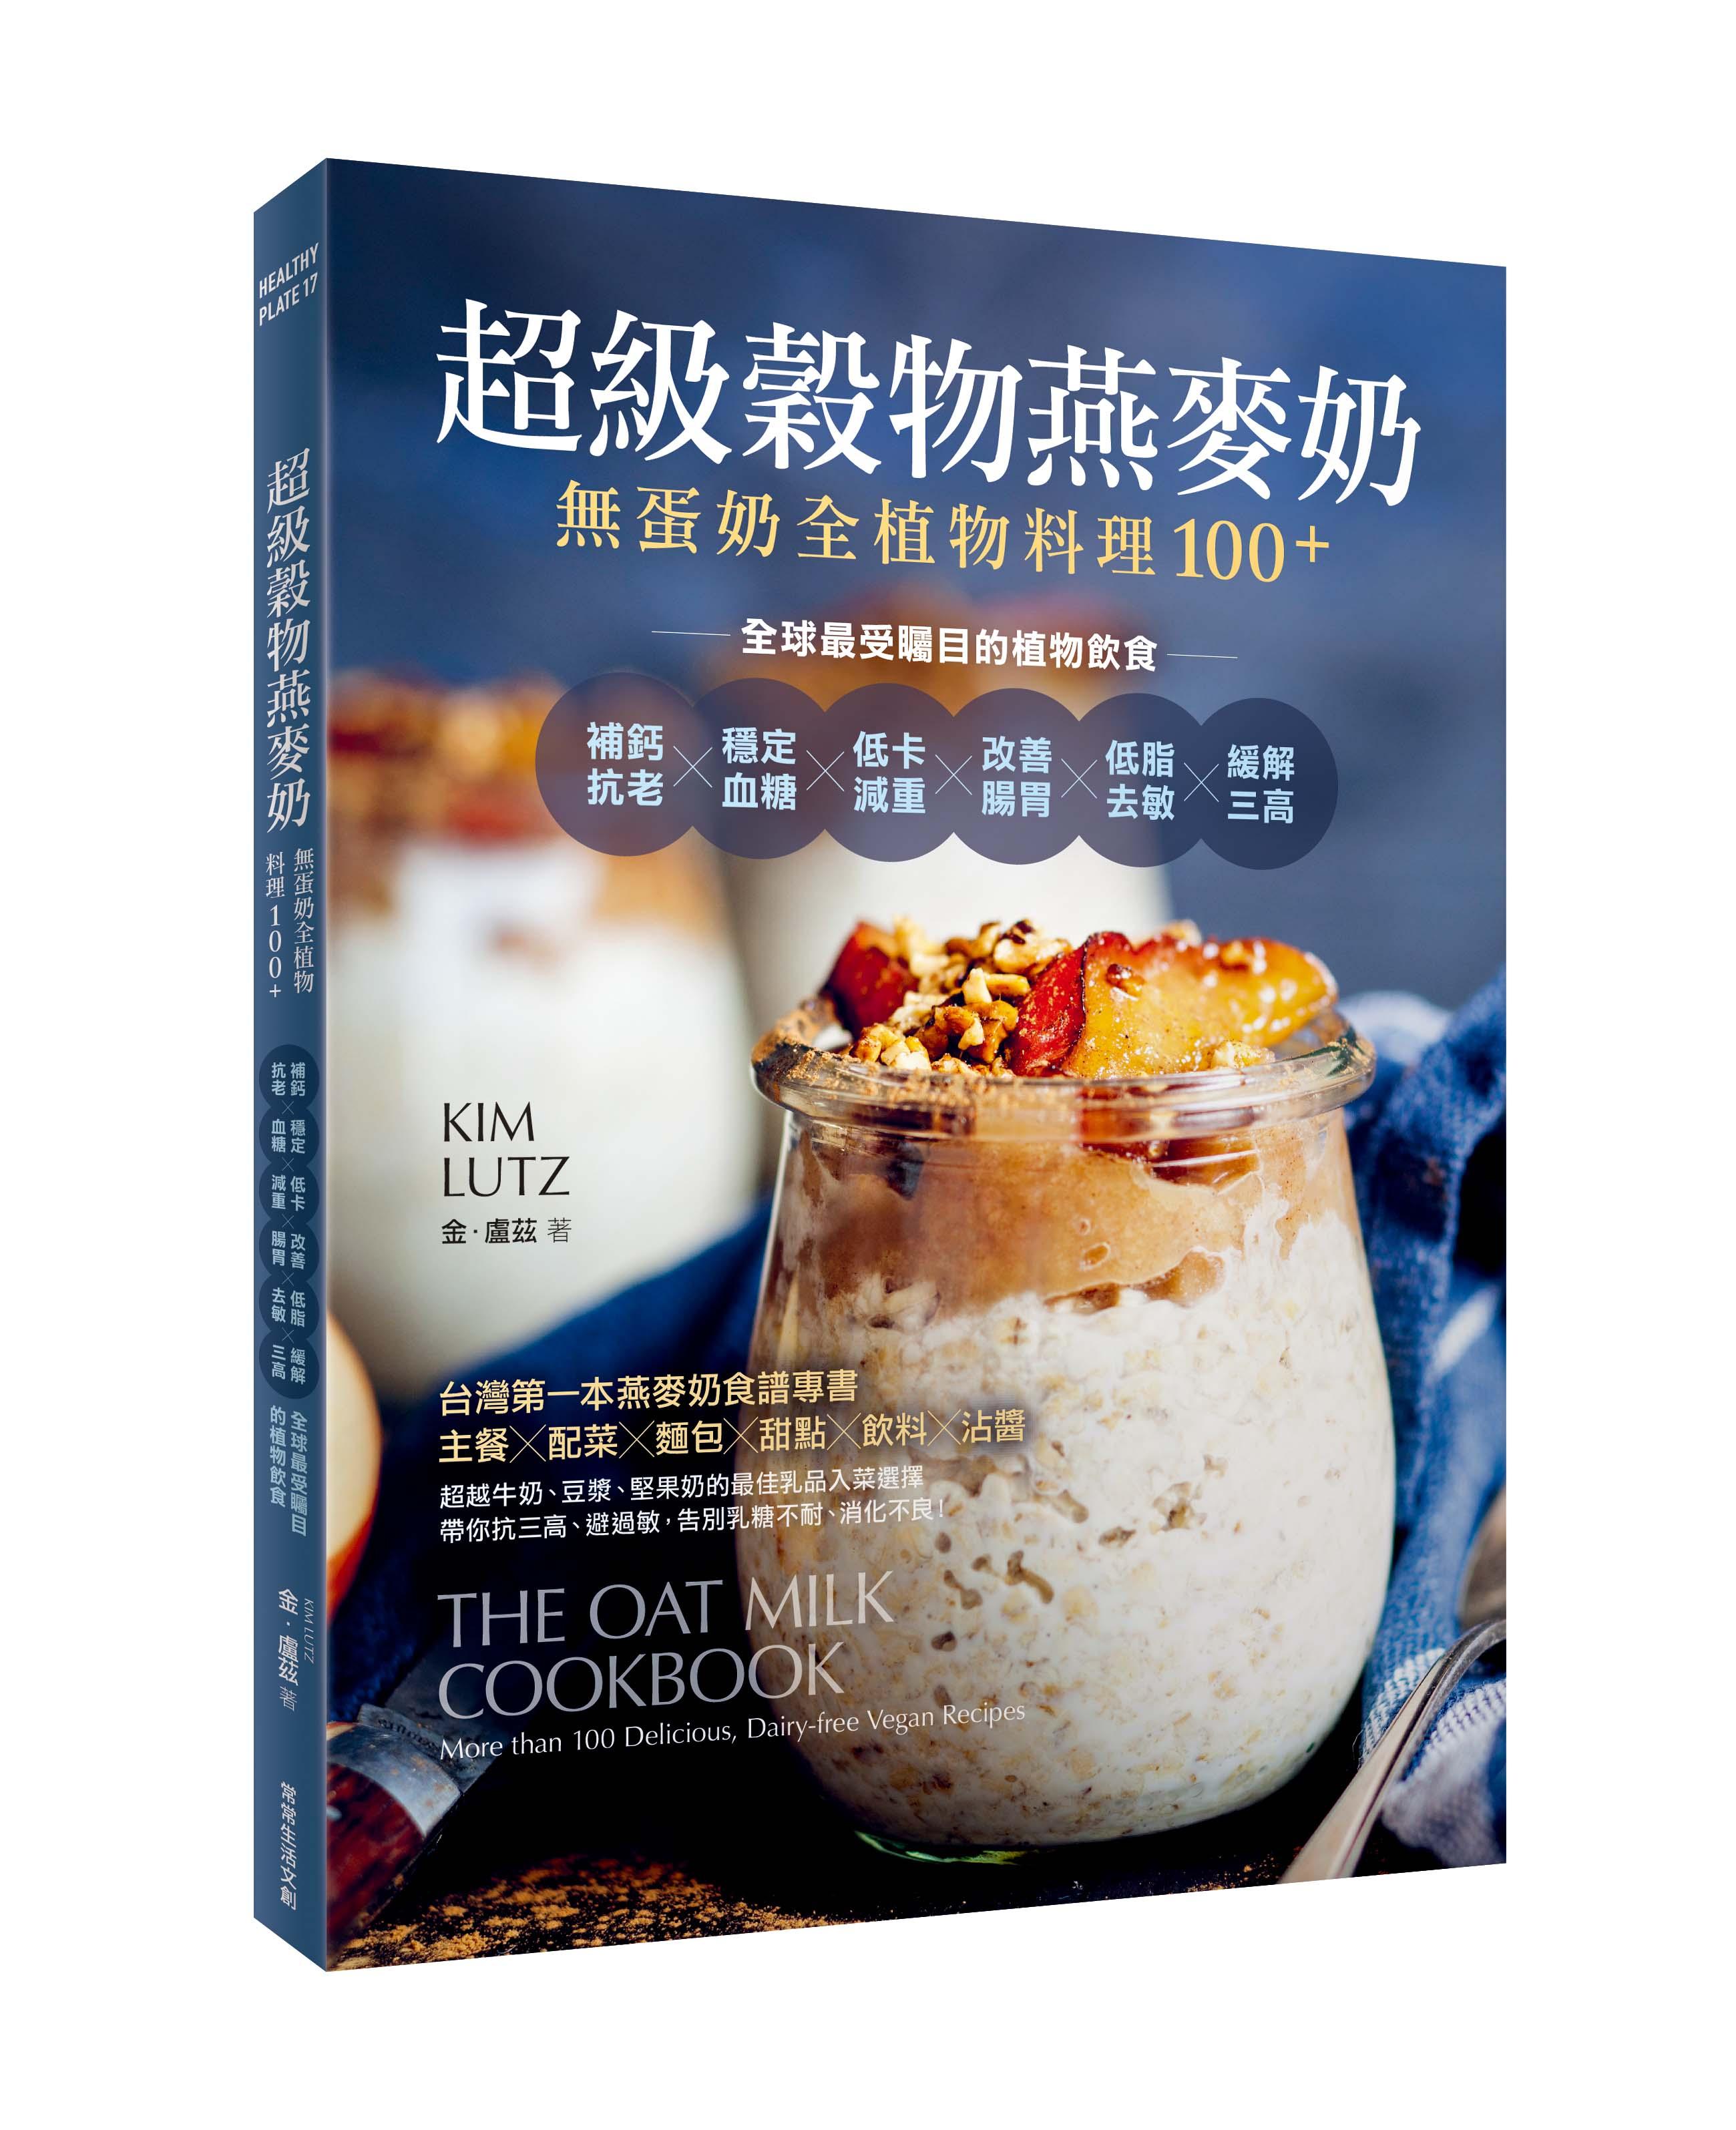 超級穀物燕麥奶・無蛋奶全植物料理100+